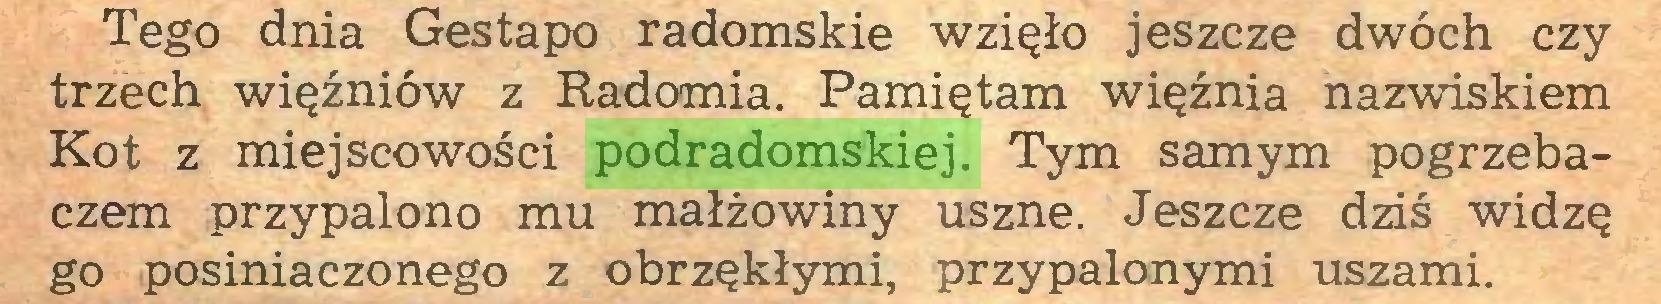 (...) Tego dnia Gestapo radomskie wzięło jeszcze dwóch czy trzech więźniów z Radomia. Pamiętam więźnia nazwiskiem Kot z miejscowości podradomskiej. Tym samym pogrzebaczem przypalono mu małżowiny uszne. Jeszcze dziś widzę go posiniaczonego z obrzękłymi, przypalonymi uszami...